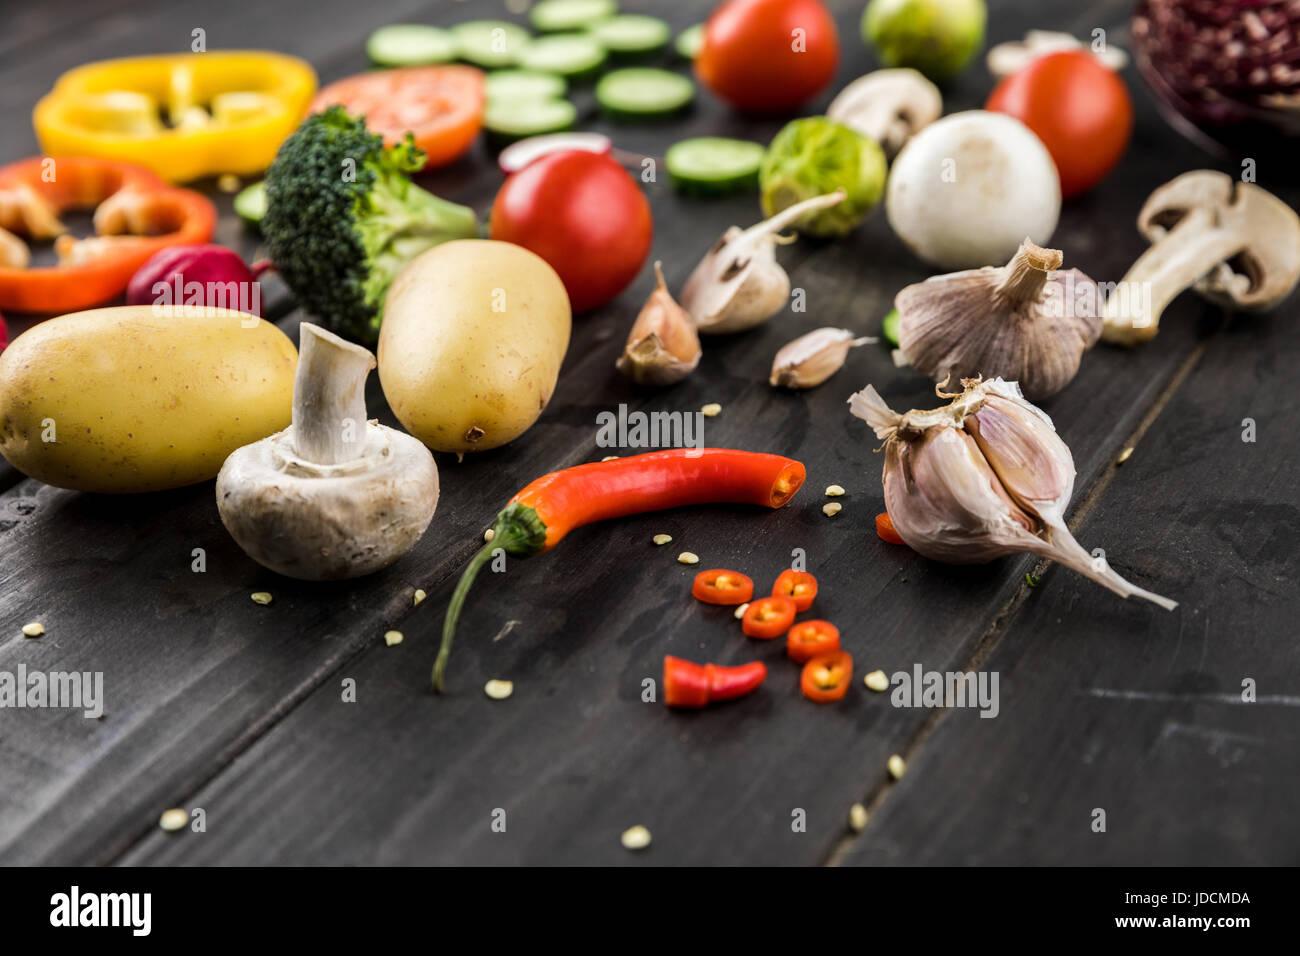 Vista cercana de verduras frescas de temporada en el fondo de la tabla de madera Imagen De Stock